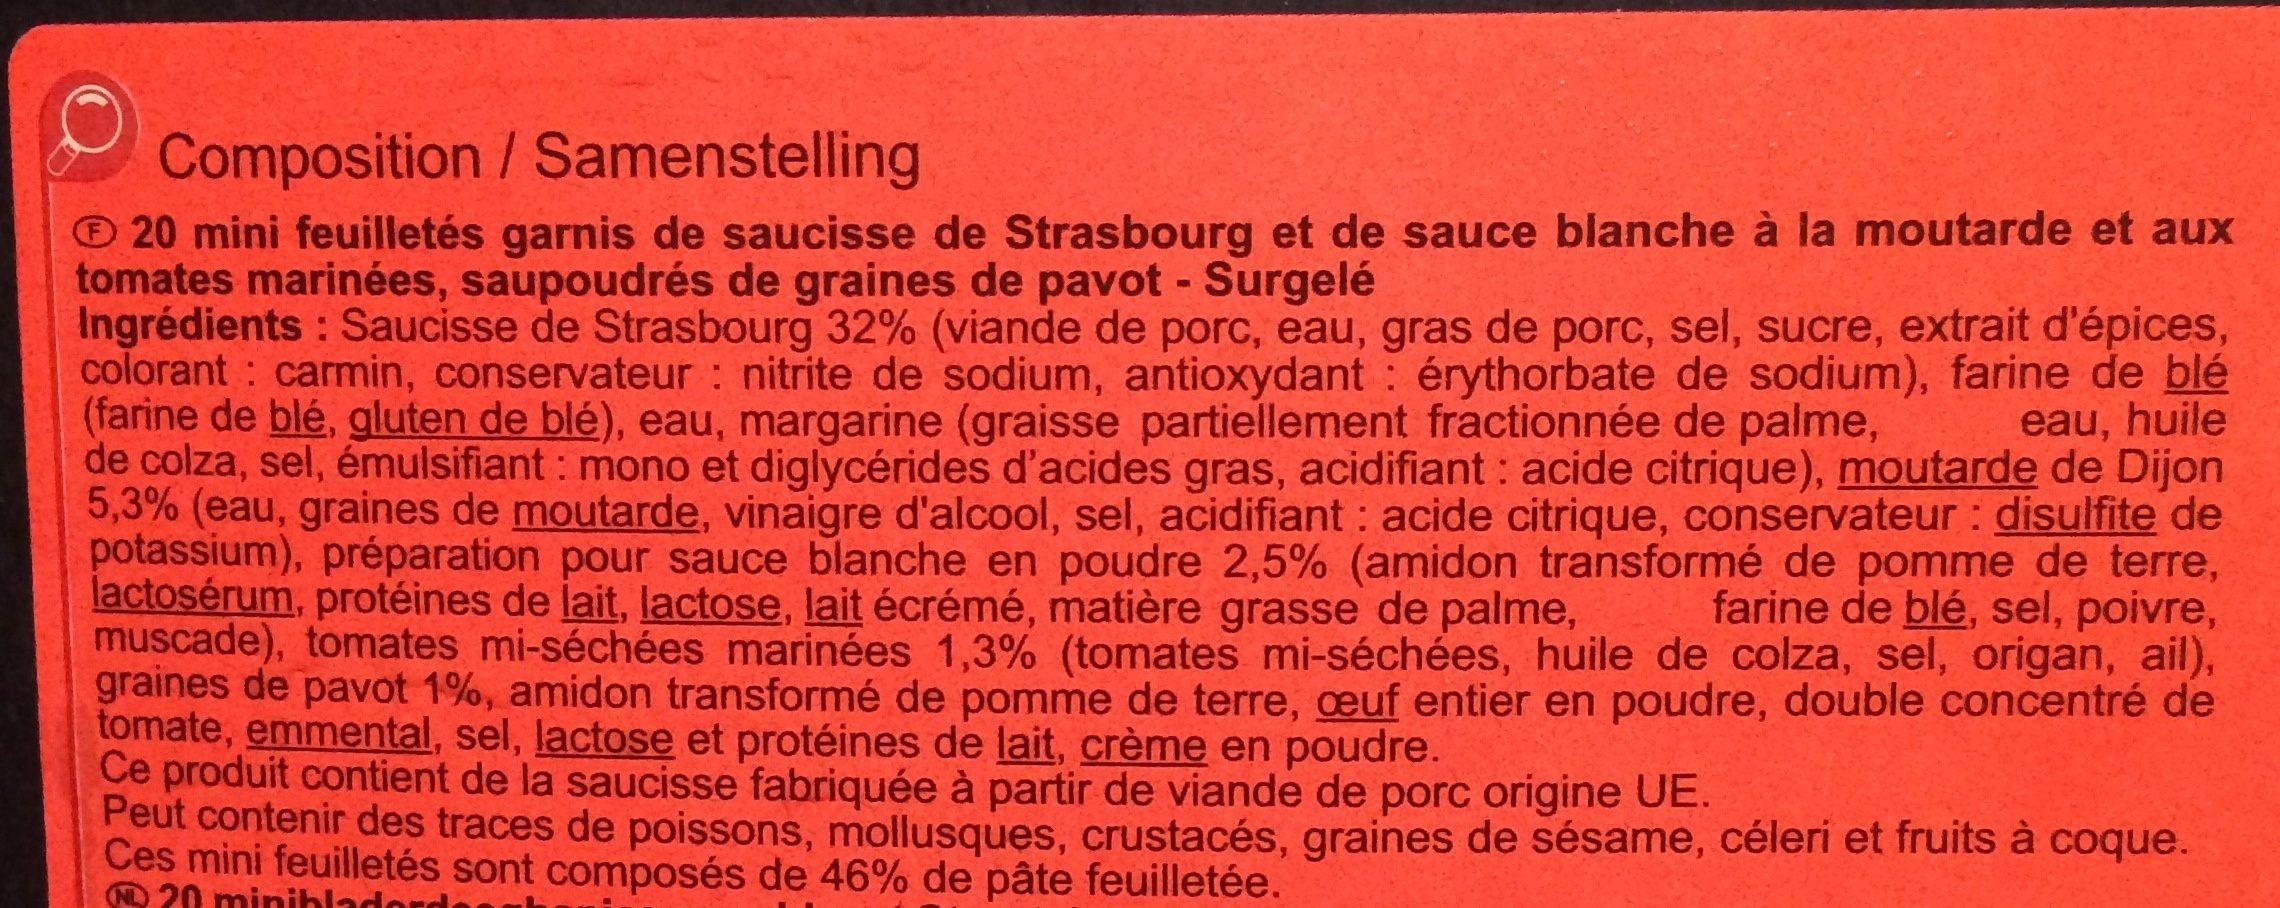 20 Mini feuilletés saucisse - Ingredients - fr